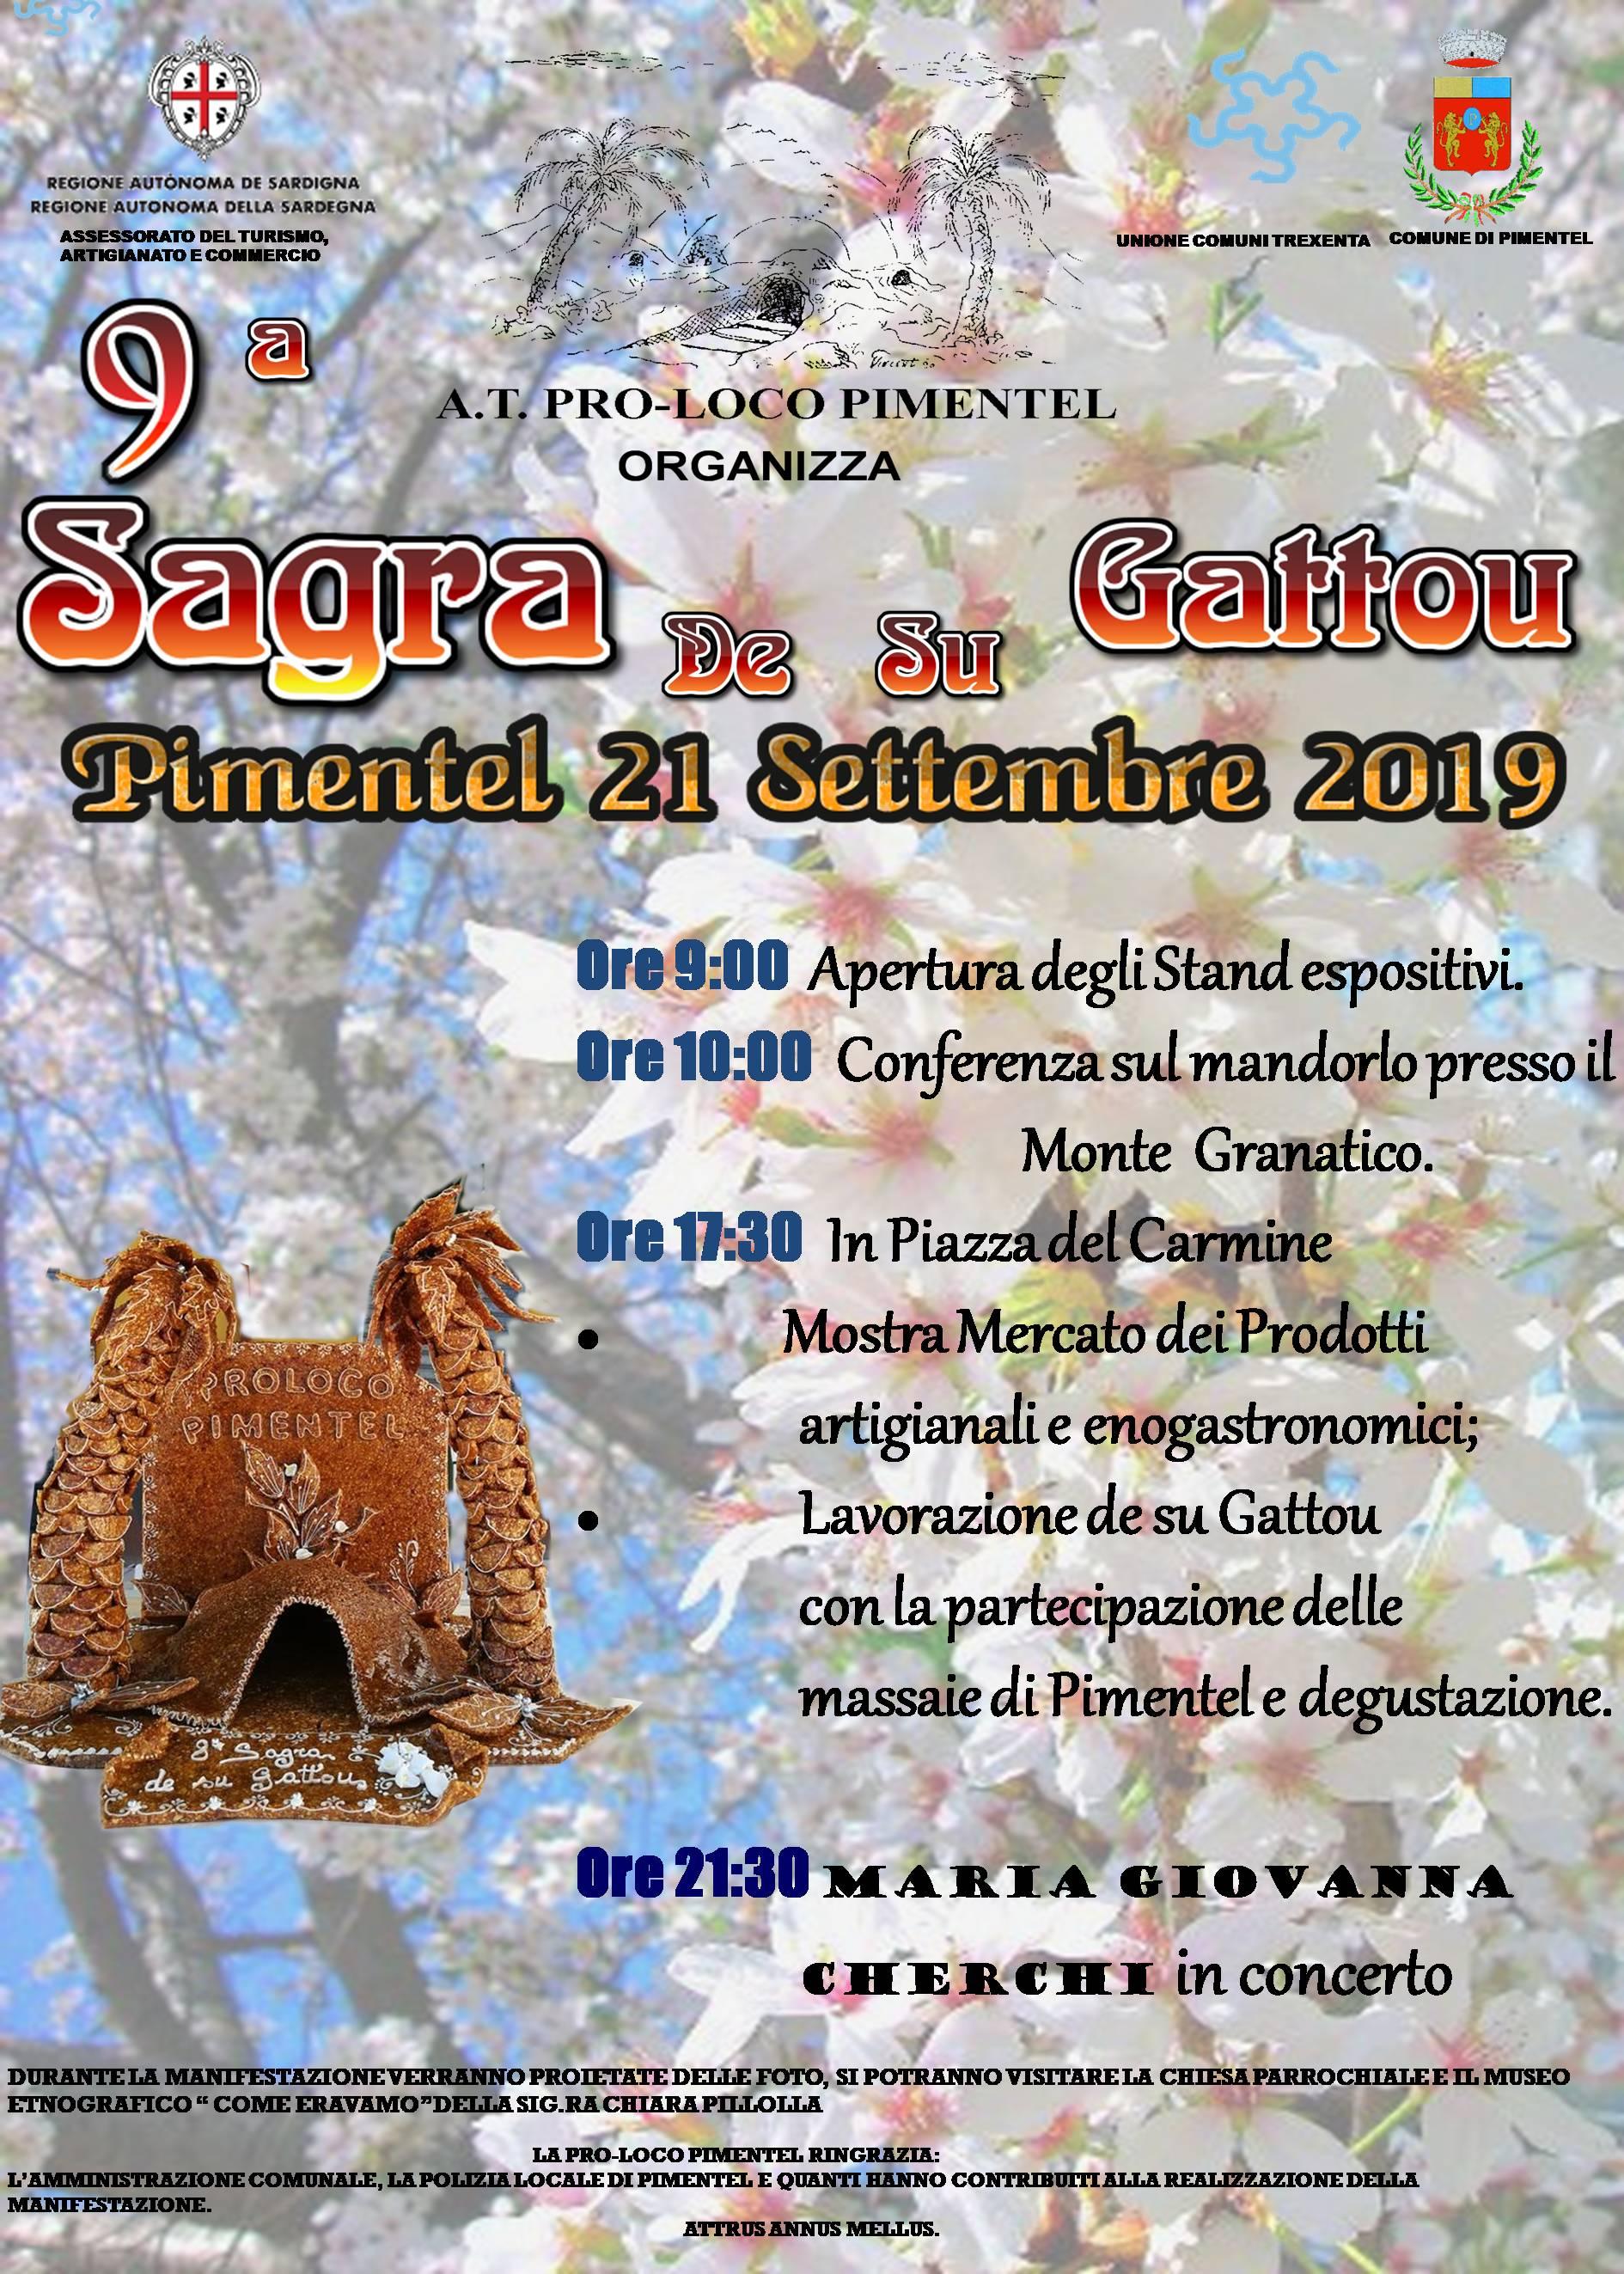 SAGRA DE SU GATTOU